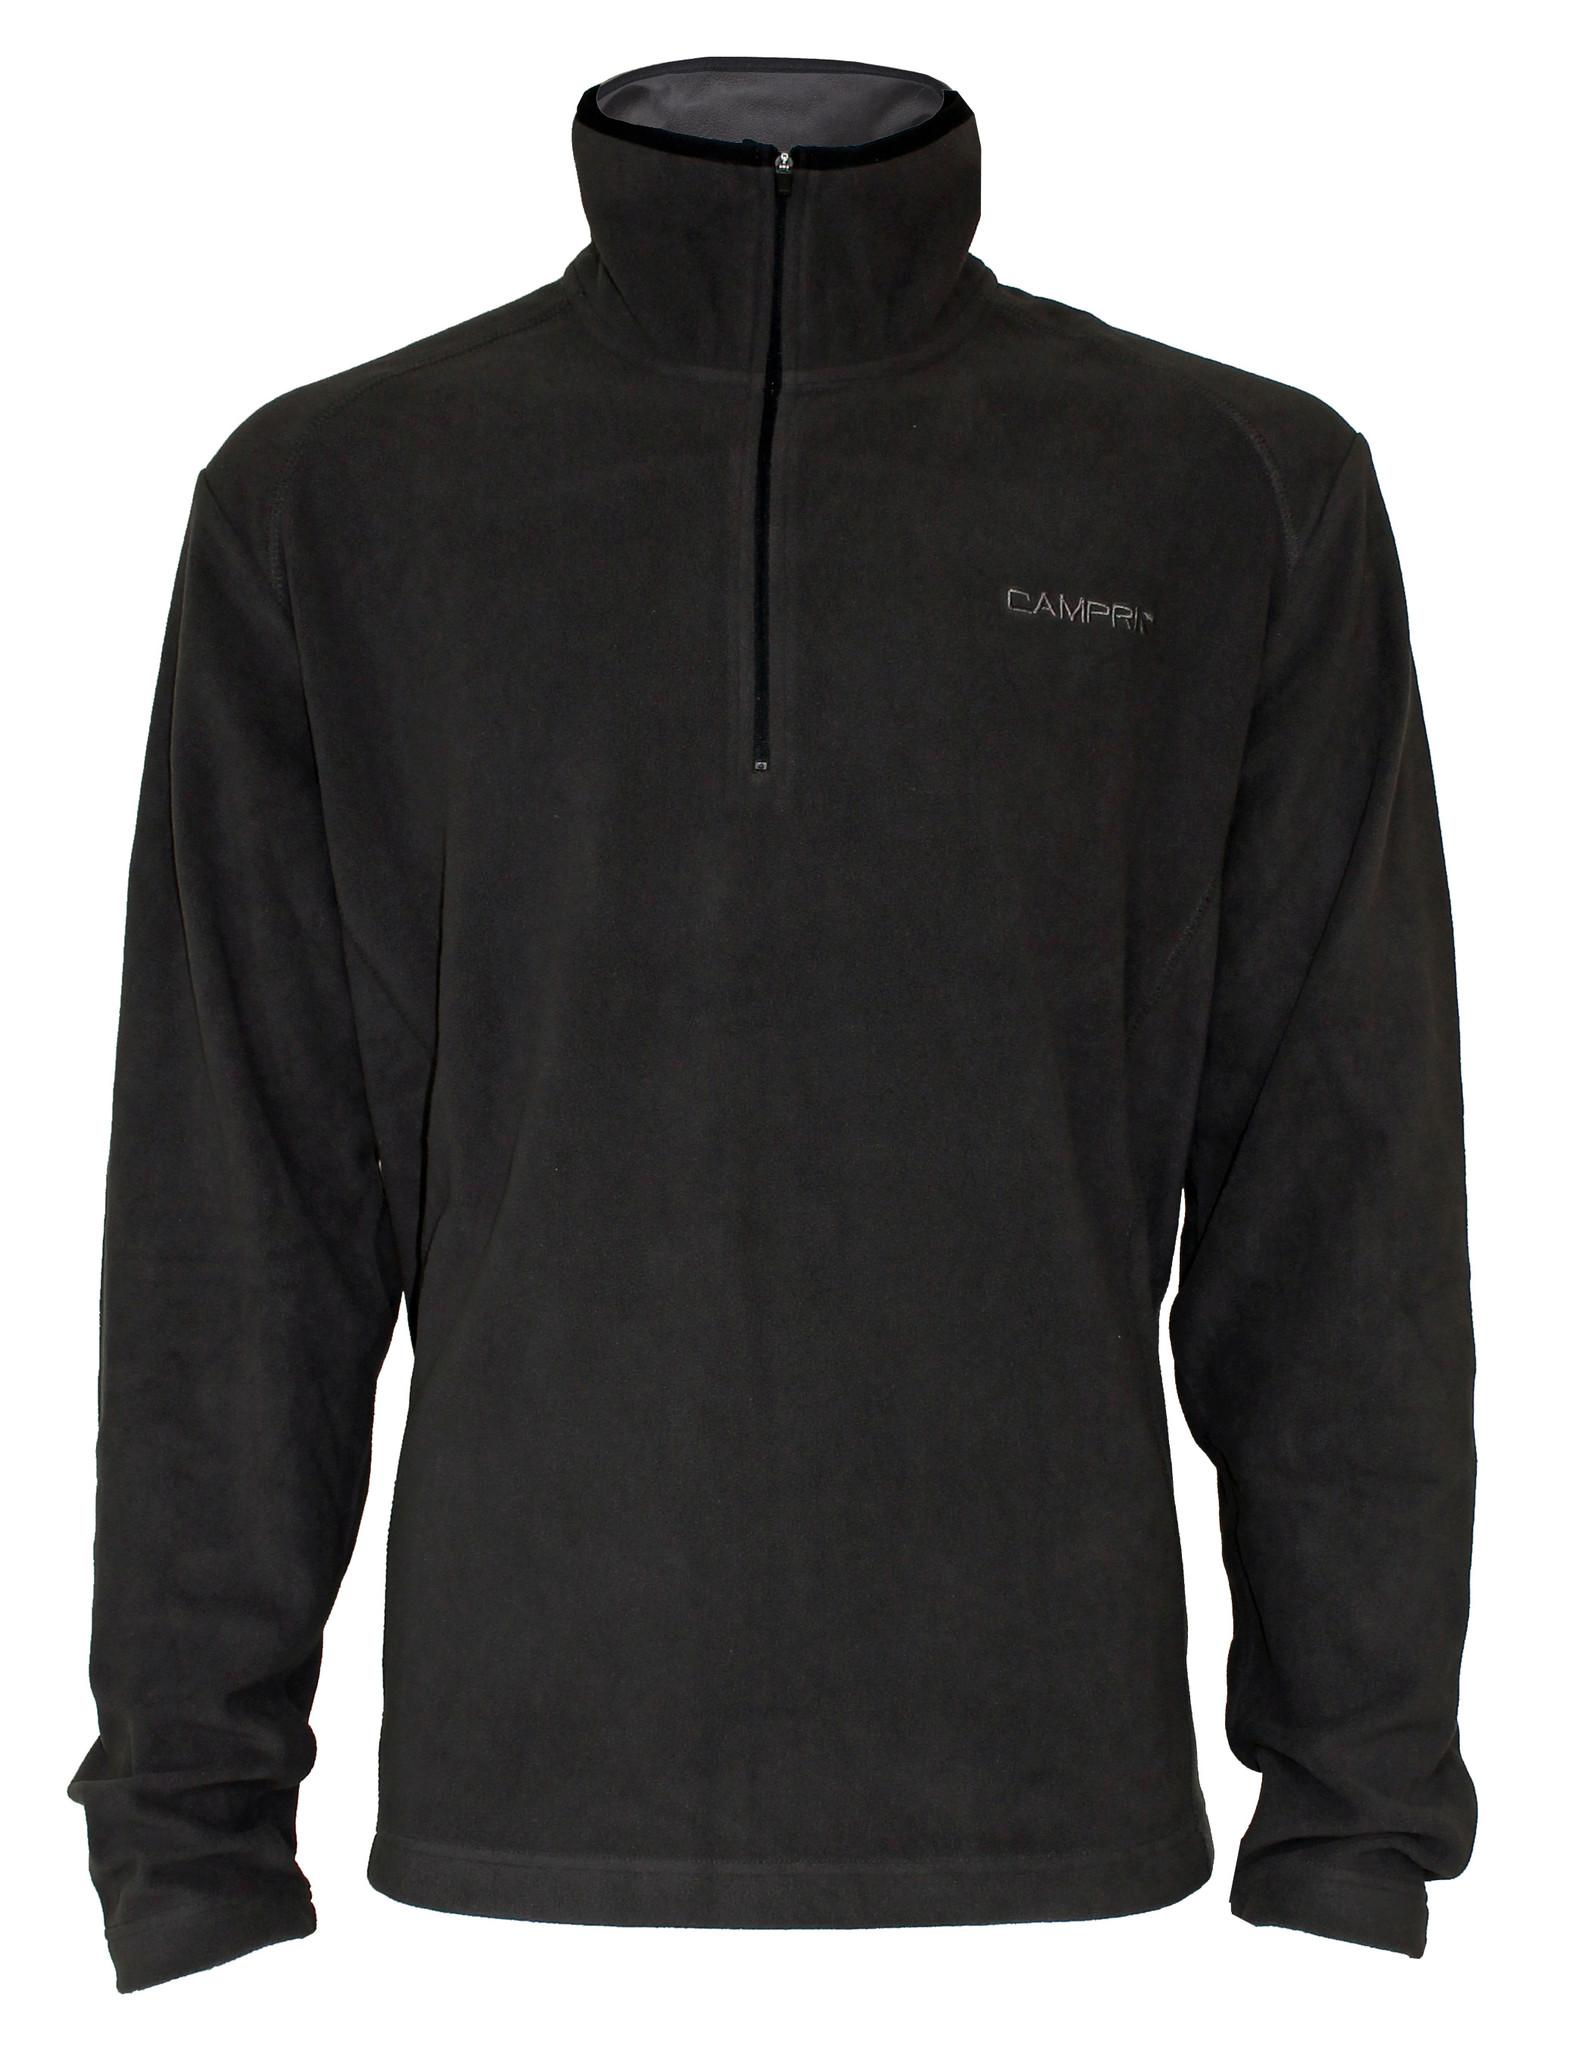 Campri Campri Heren -  Micro Polar fleece sweater - Bruin